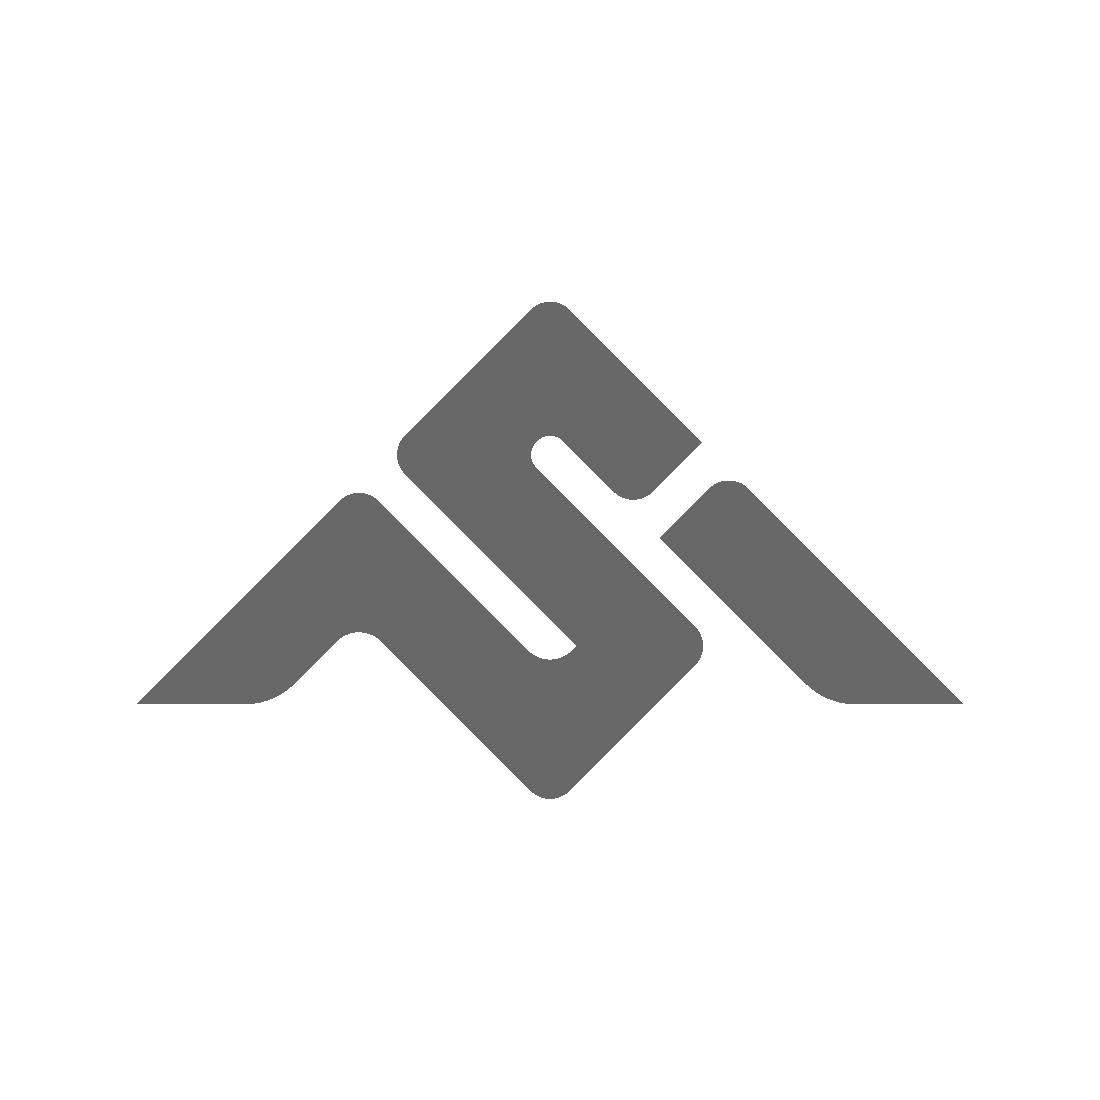 Salomon Threat Skis 2012 | evo